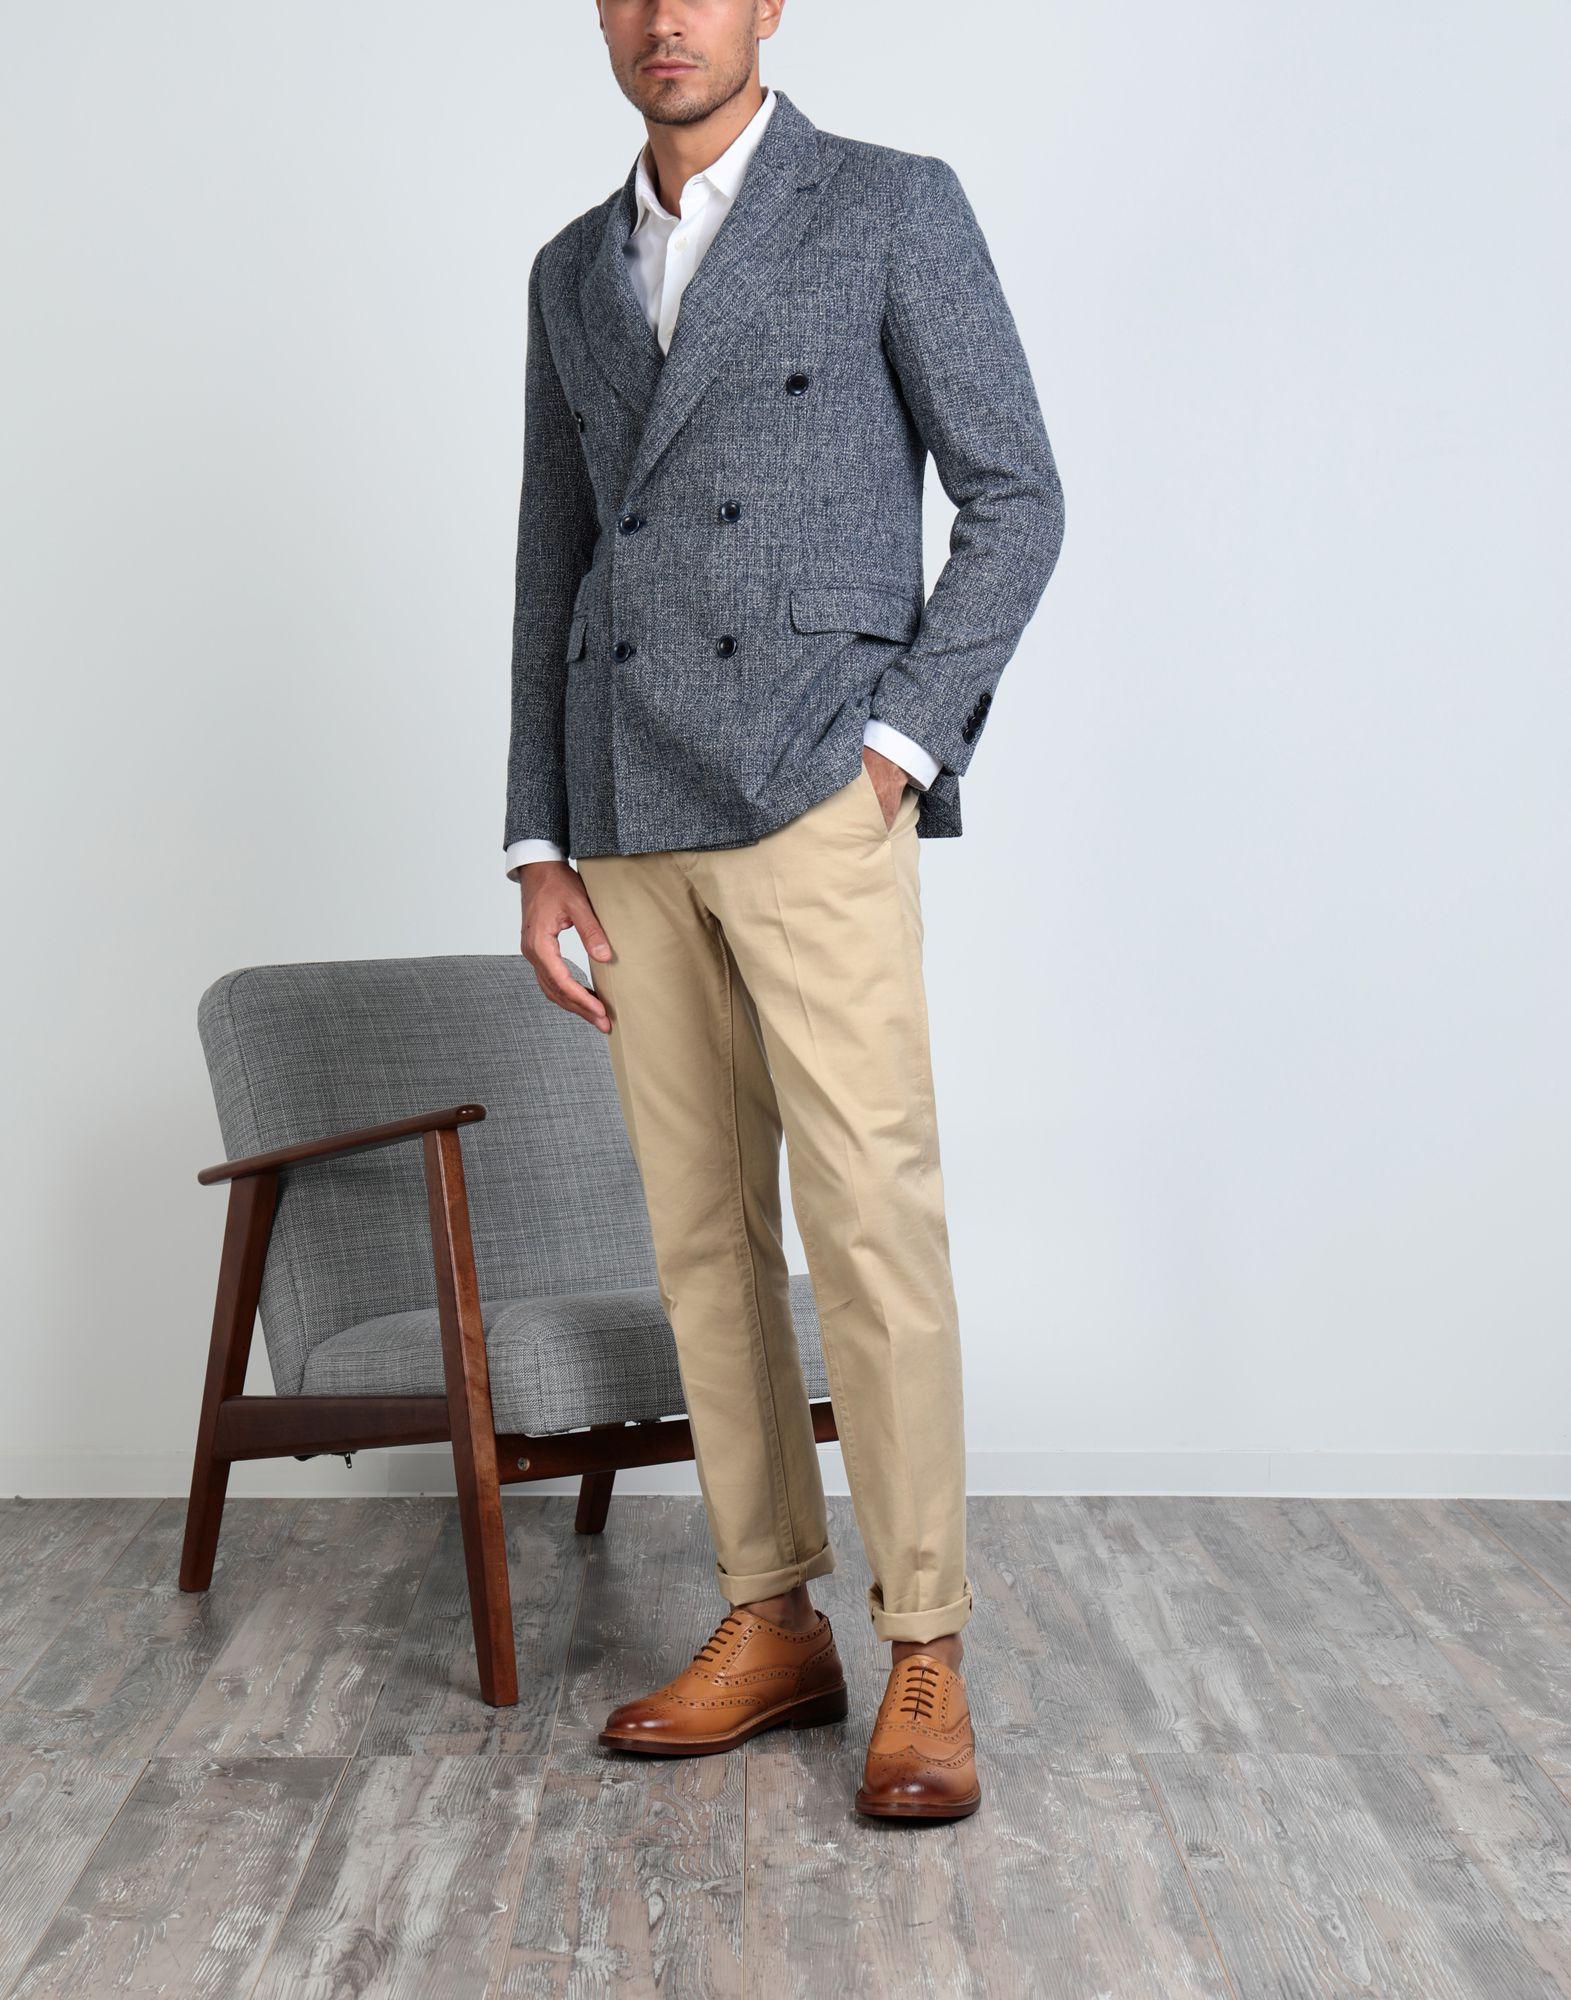 Leonardo Principi Schnürschuhe Herren beliebte  11539501MC Gute Qualität beliebte Herren Schuhe af83f5